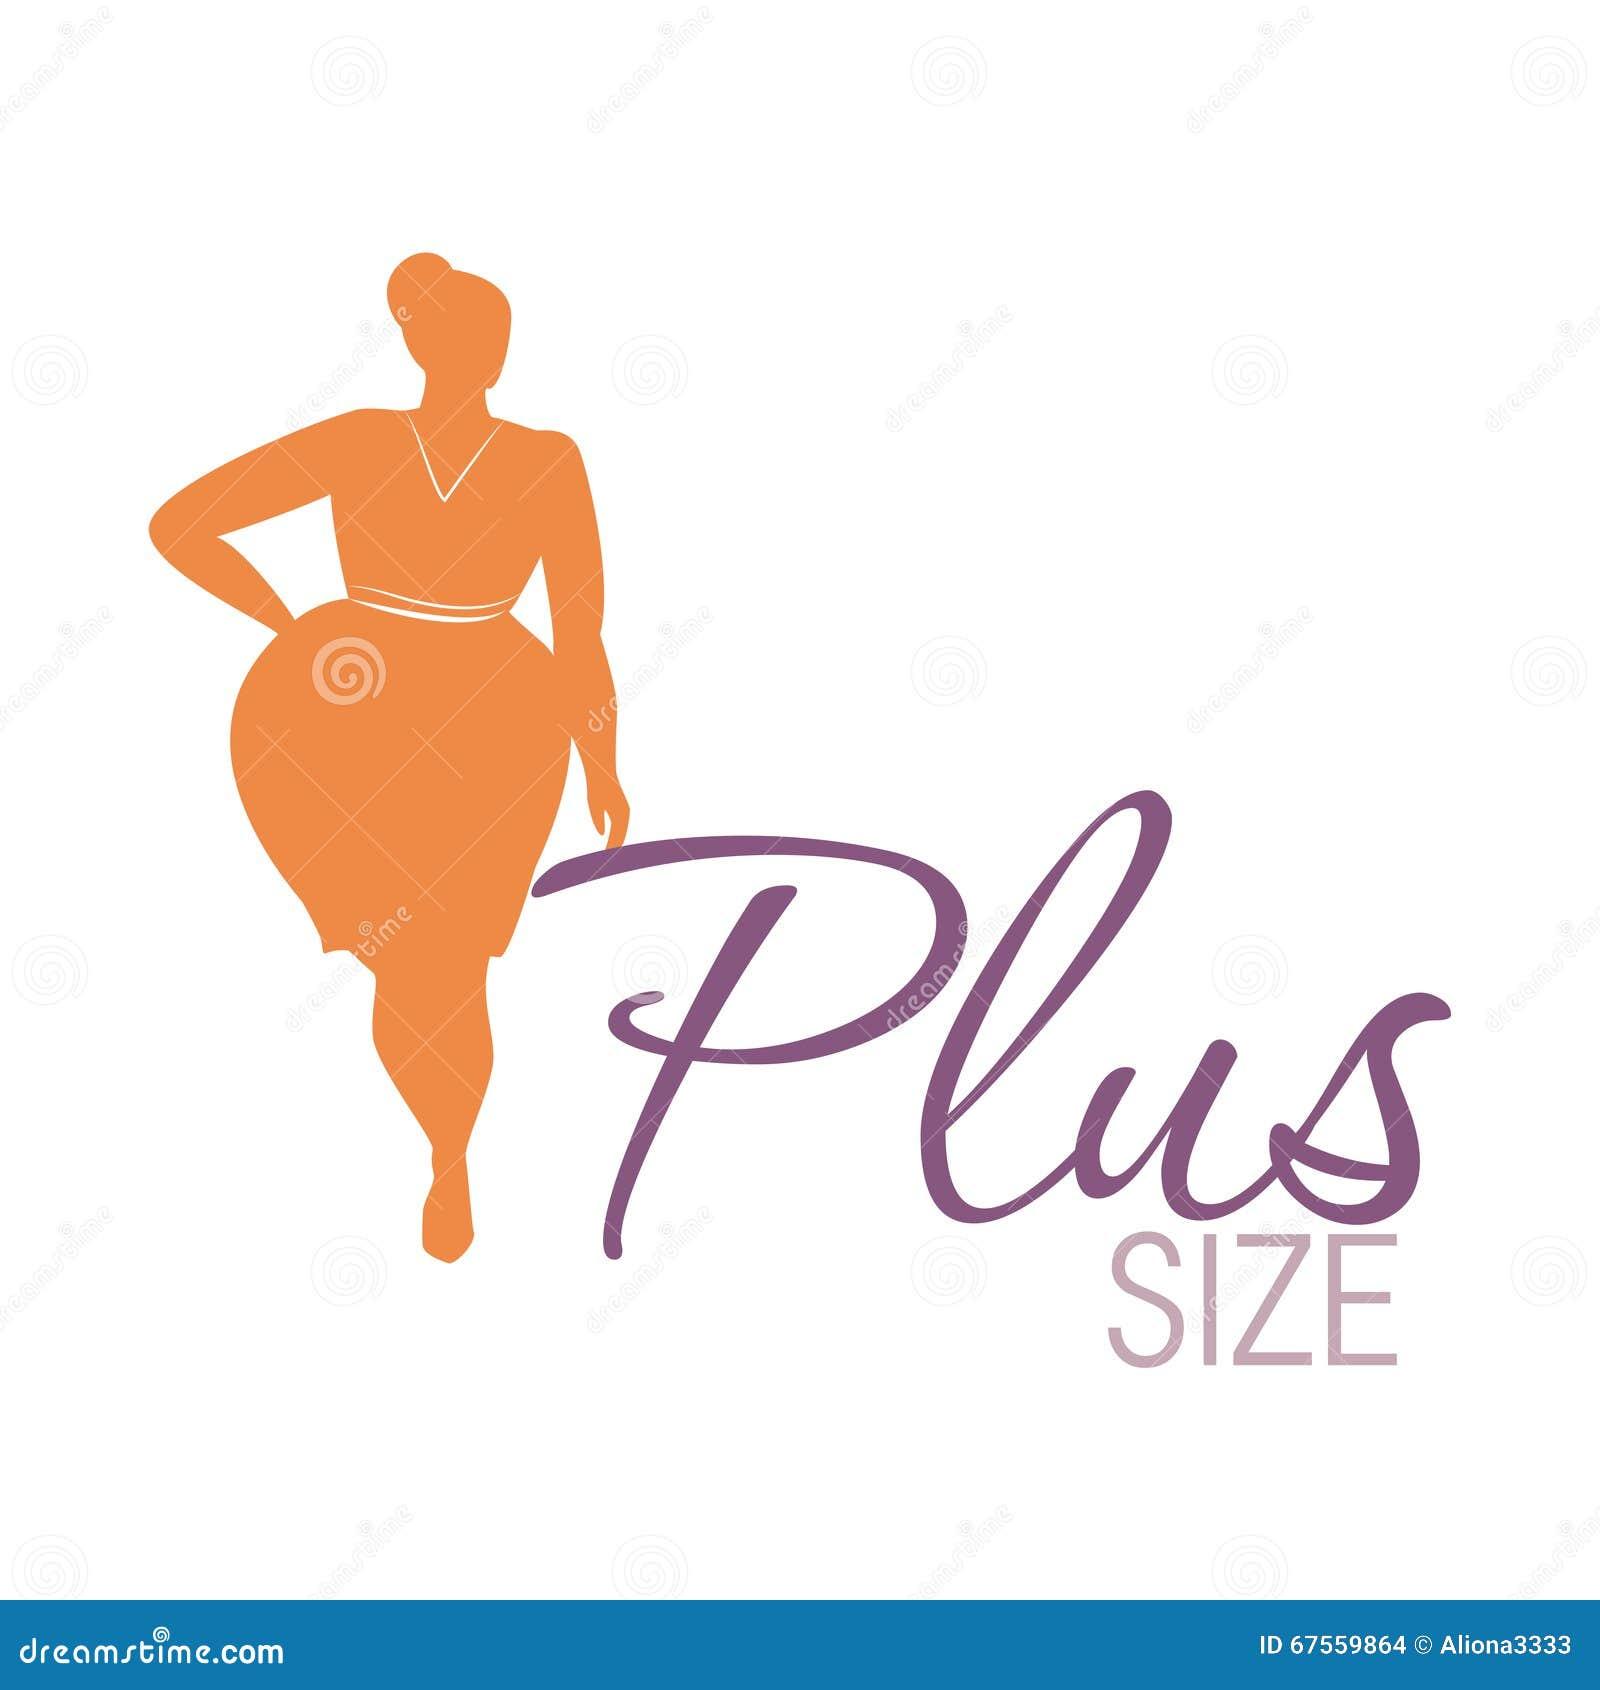 Icono de la mujer del tamaño extra grande